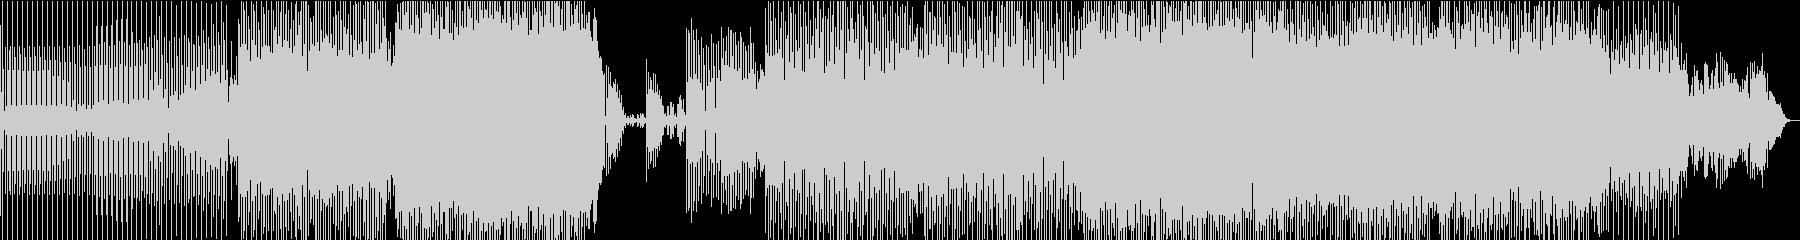 シーケンサー。アルペジエーター。 ...の未再生の波形